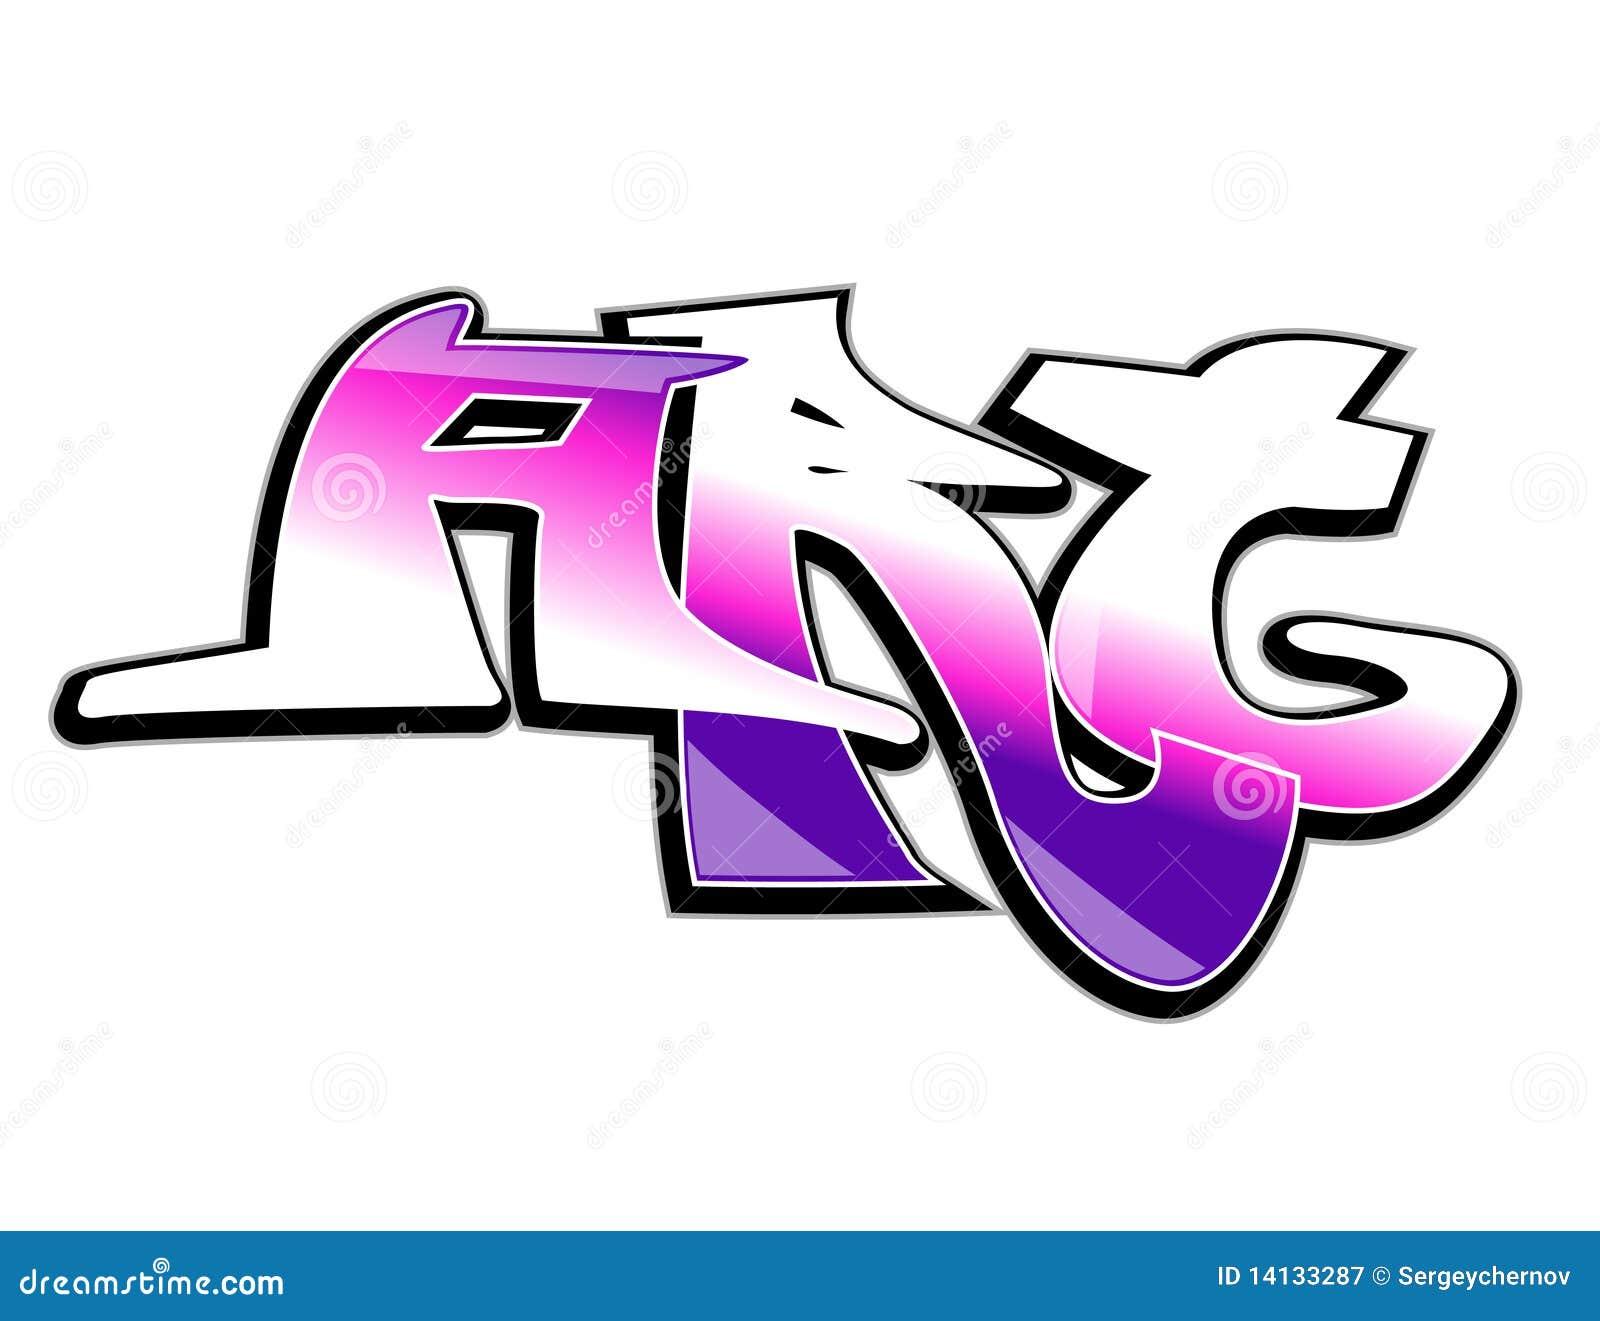 Art Design : Graffiti art design stock vector image of banner